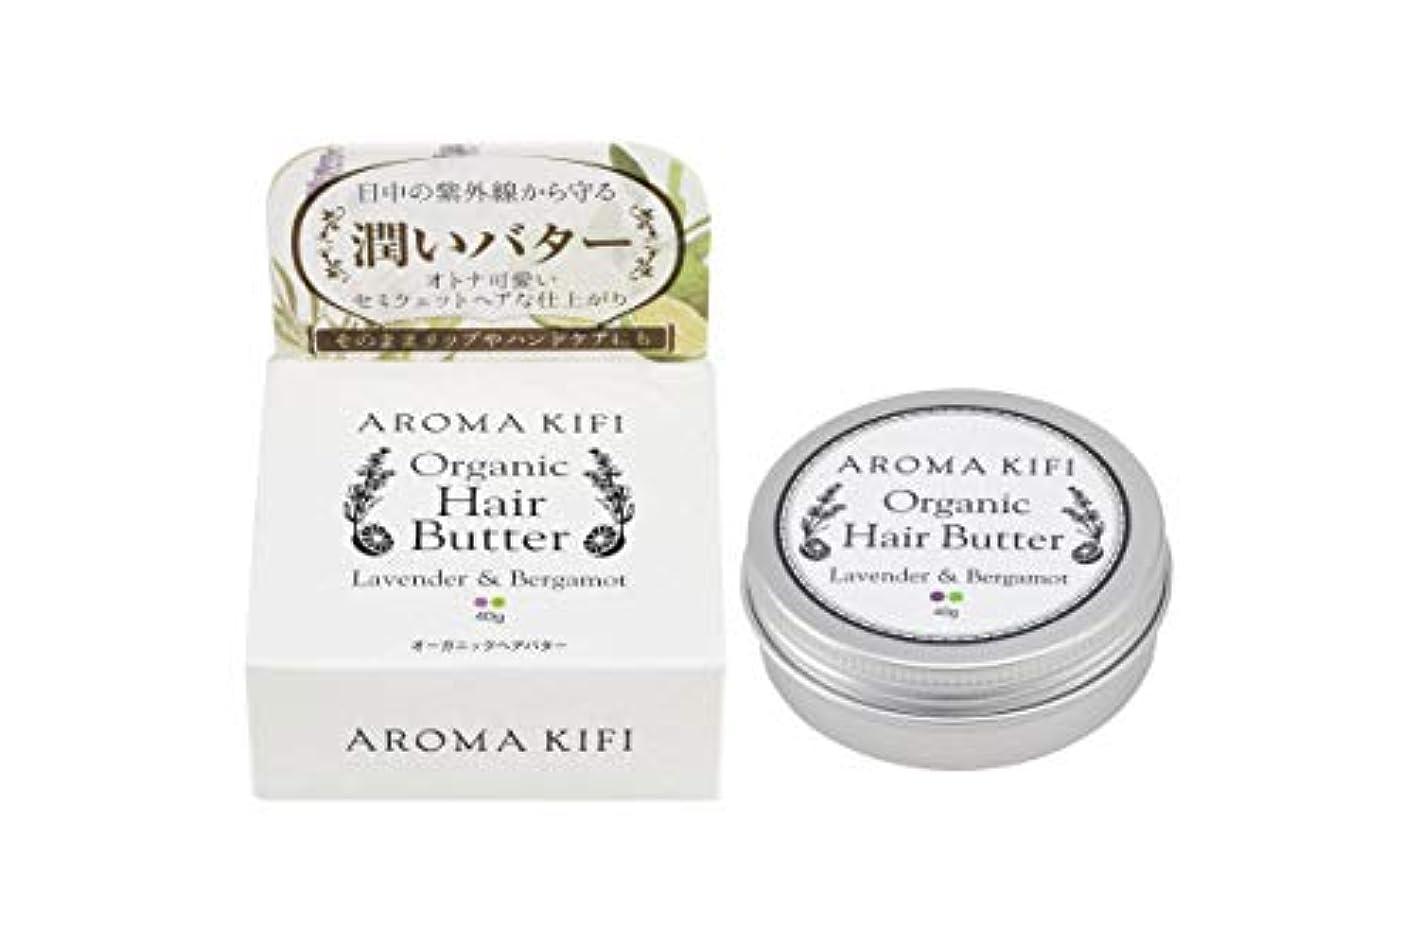 スーパーマーケット白雪姫剣アロマキフィ AROMAKIFI オーガニック ヘアバター ノンシリコン スタイリング 40g